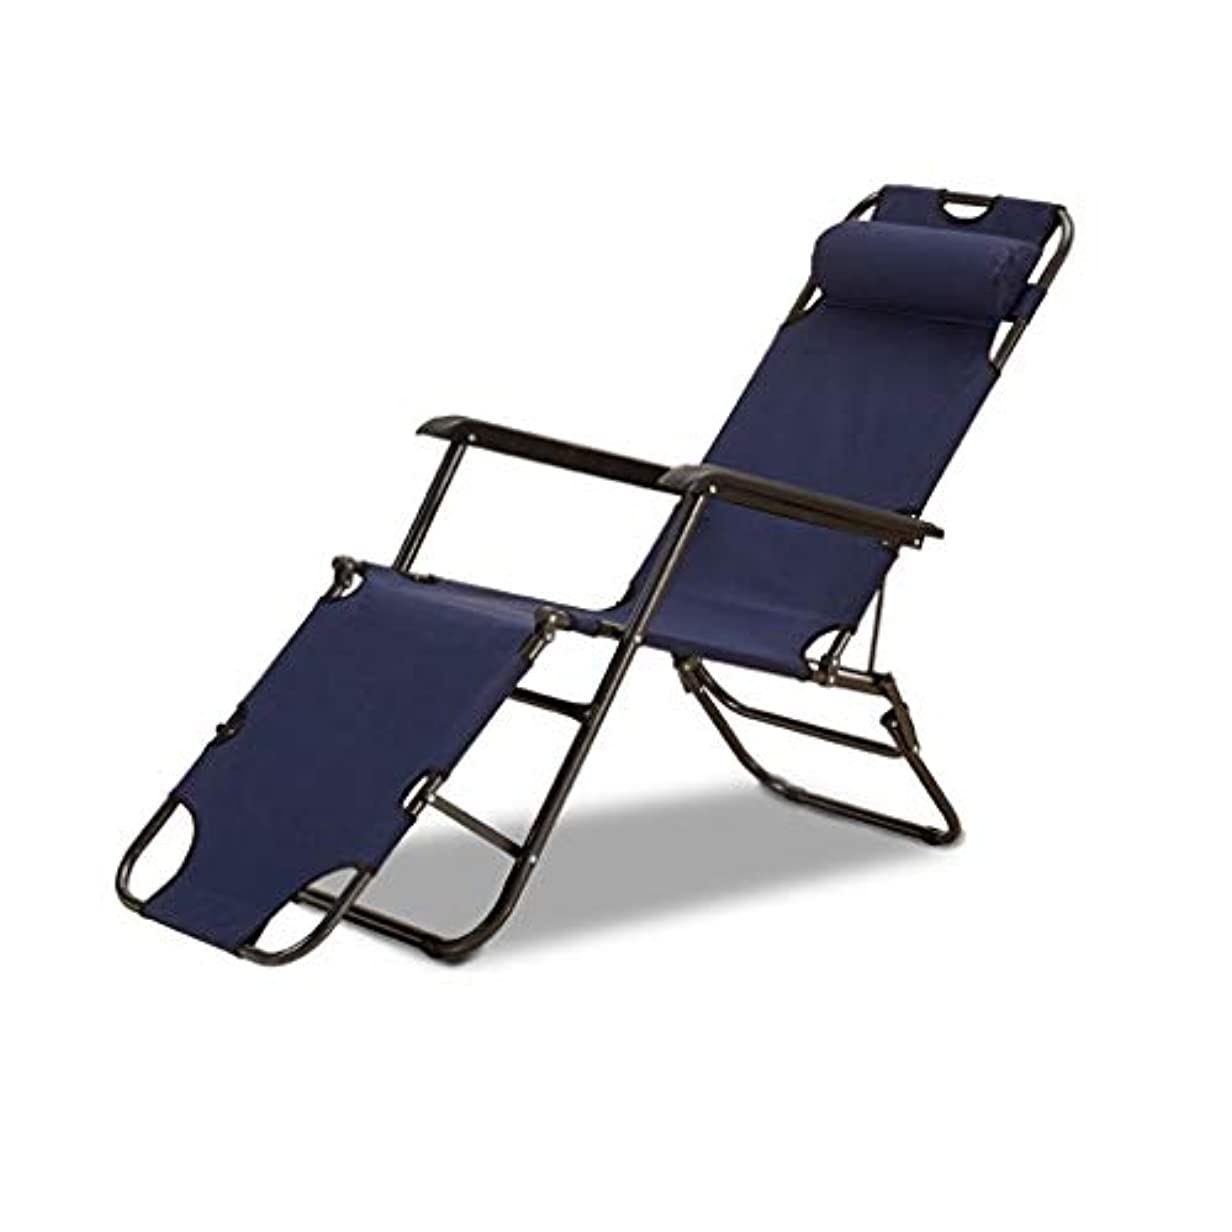 侵入キャプション売り手折りたたみベッドラウンジチェアゼロ重力チェア、枕調節可能なデッキチェアデッキ、ビーチレイジーチェア/高齢者チェア付き屋外キャンプラウンジパティオチェア